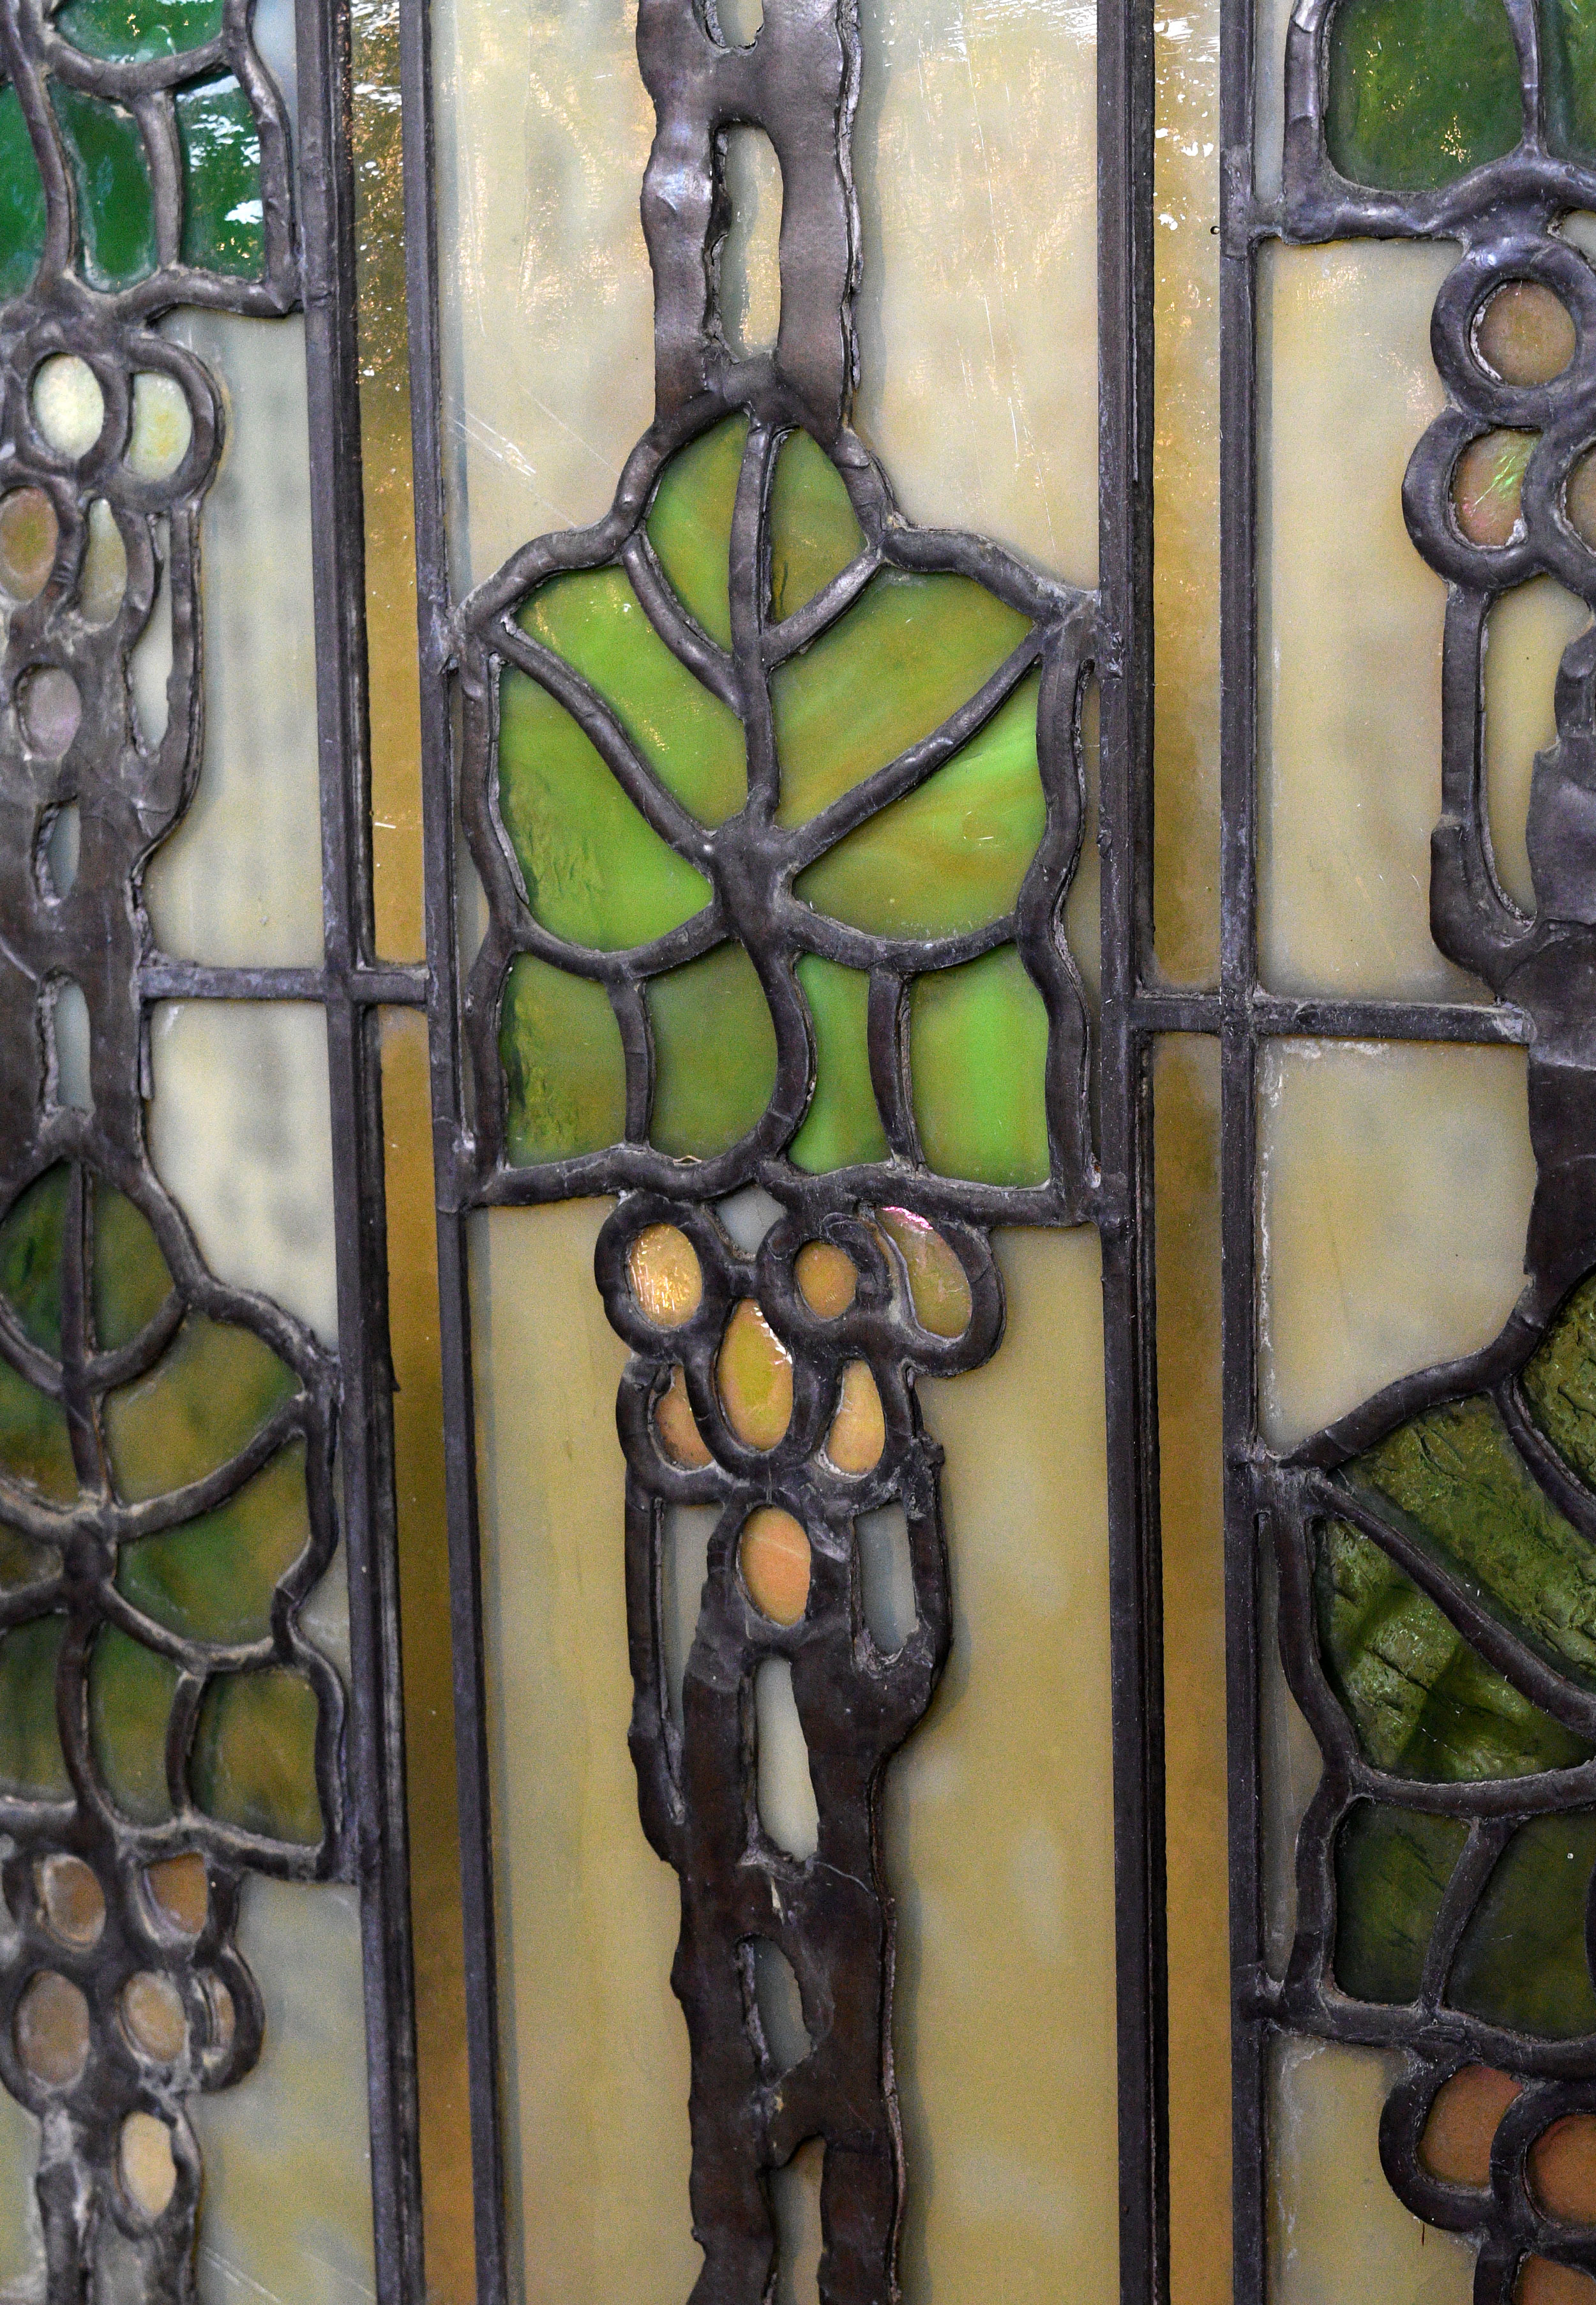 47809-bradstreet-grape-leaves-window-natural-detail.jpg